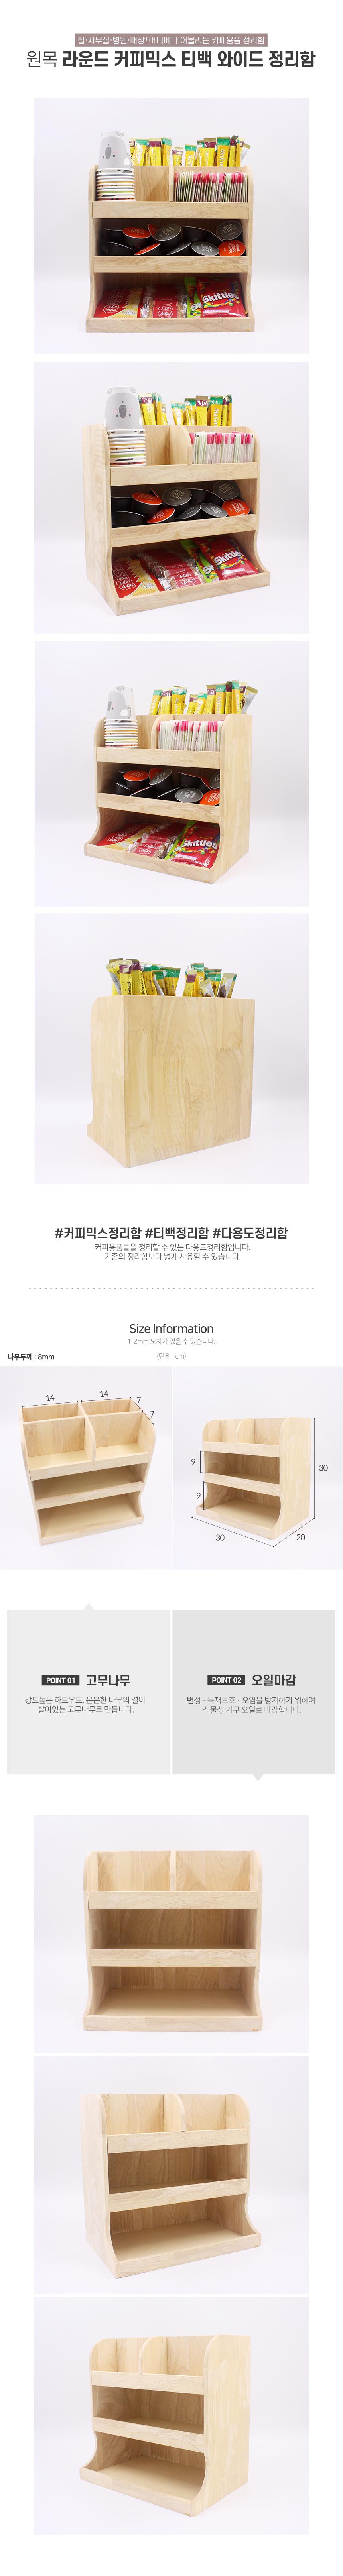 라운드 커피믹스 티백 와이드 정리함 - 디자인엔씨, 76,000원, 주방수납용품, 수납함